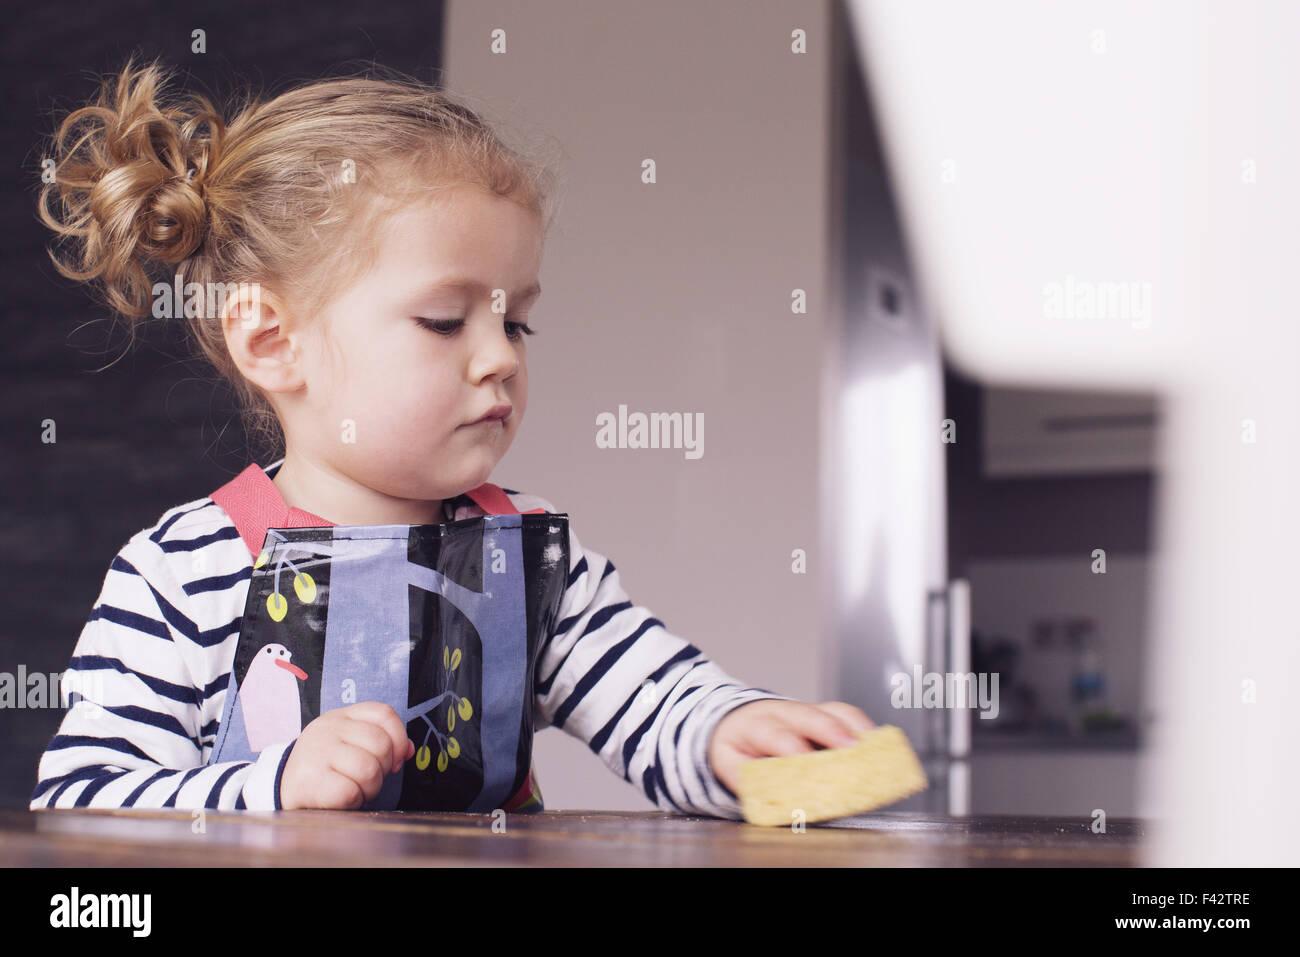 Bambina tabella di strofinamento con spong Immagini Stock